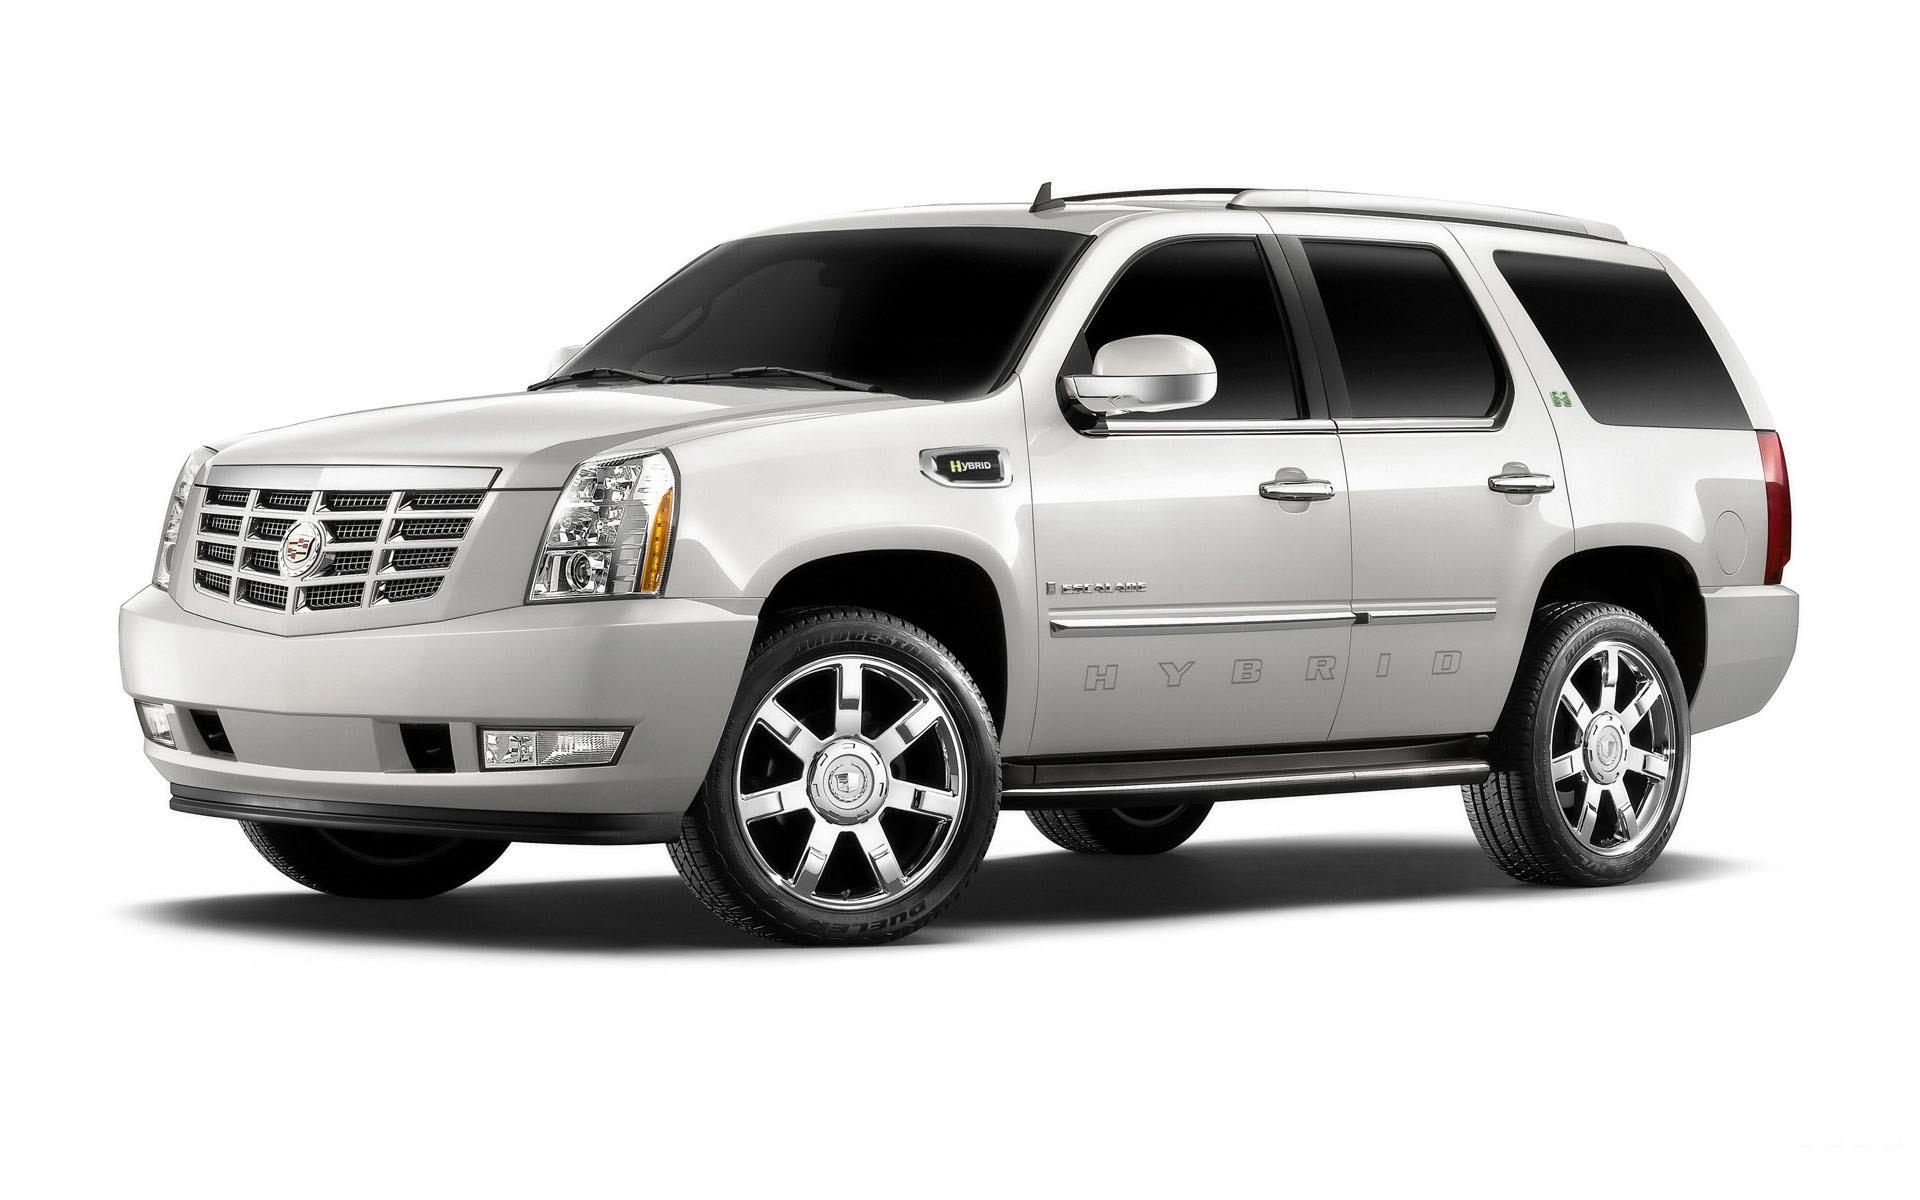 49915 скачать обои Транспорт, Машины, Кадиллак (Cadillac) - заставки и картинки бесплатно